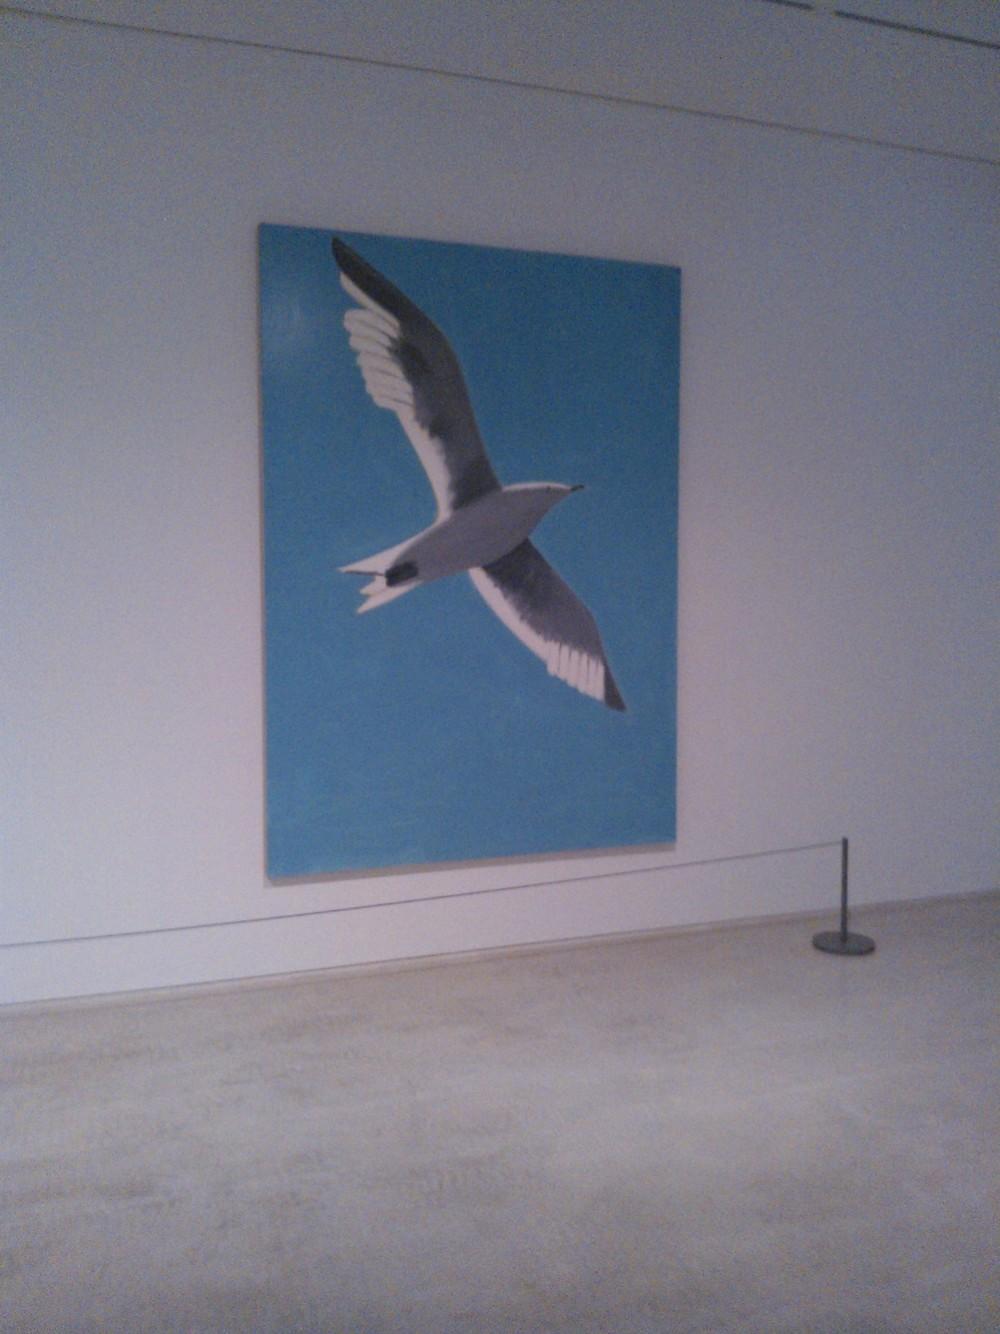 Seagull, 2011. Alex Katz